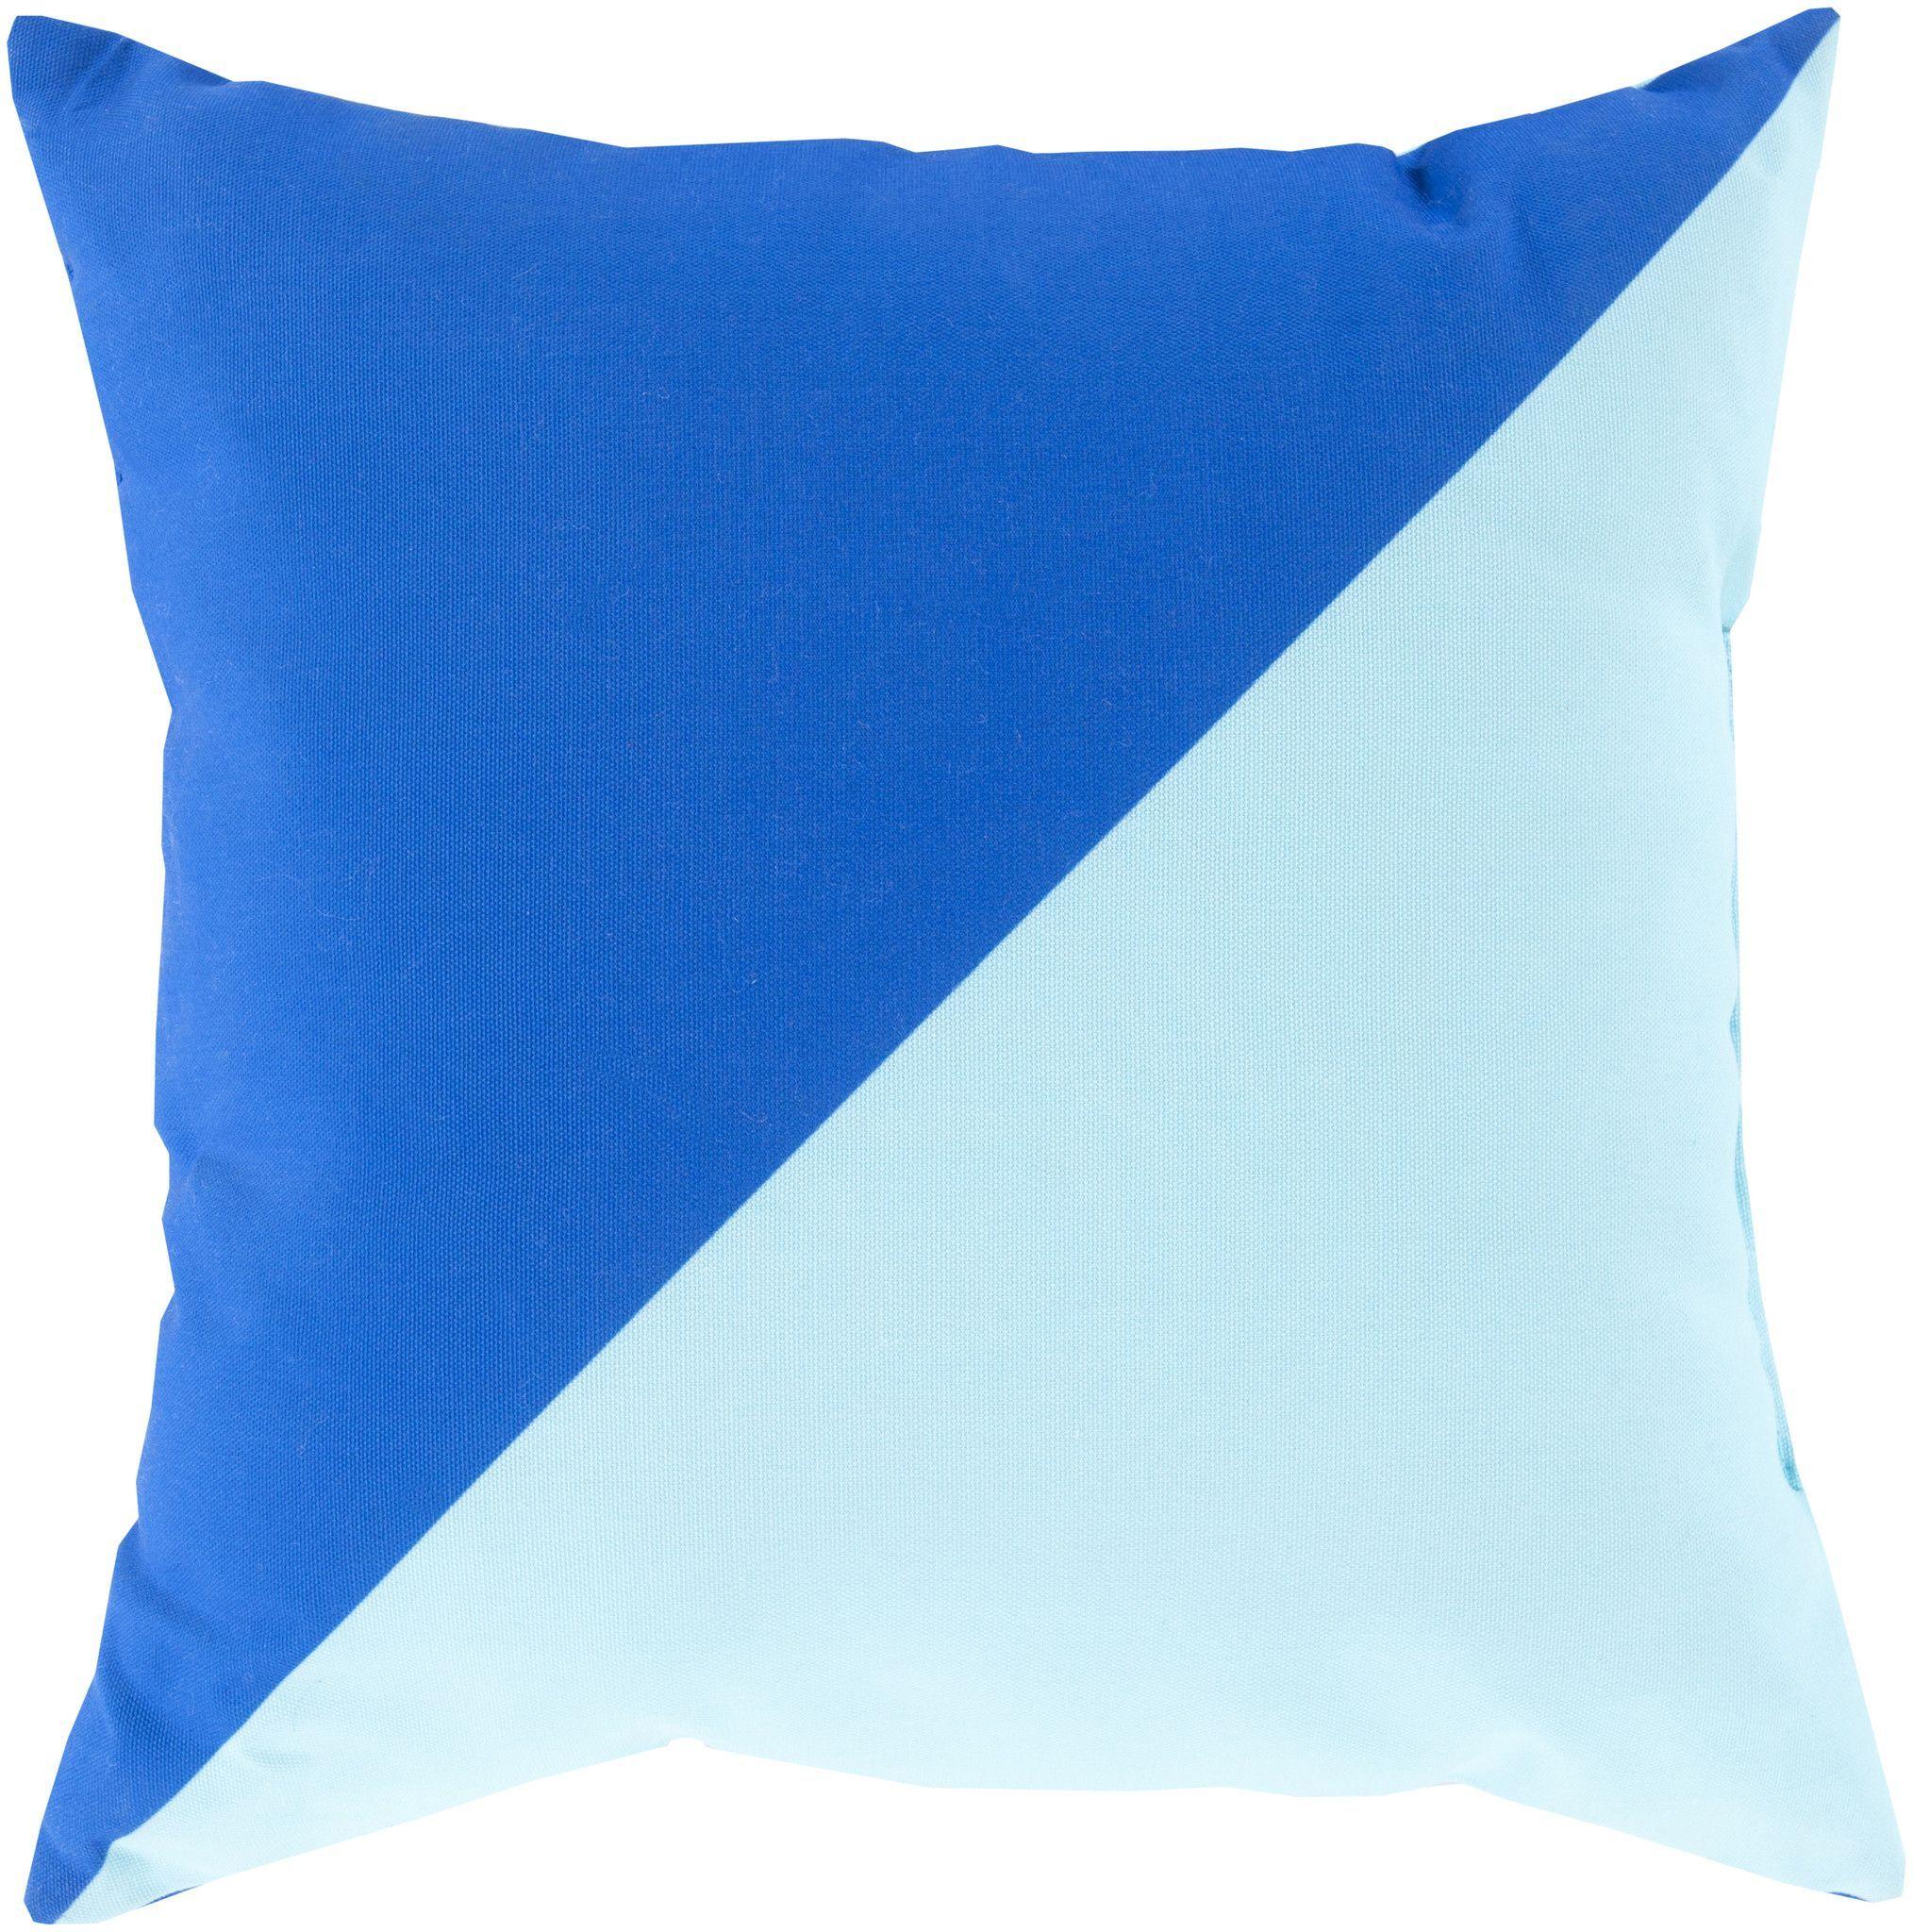 Surya Rain Throw Pillow Blue, Blue